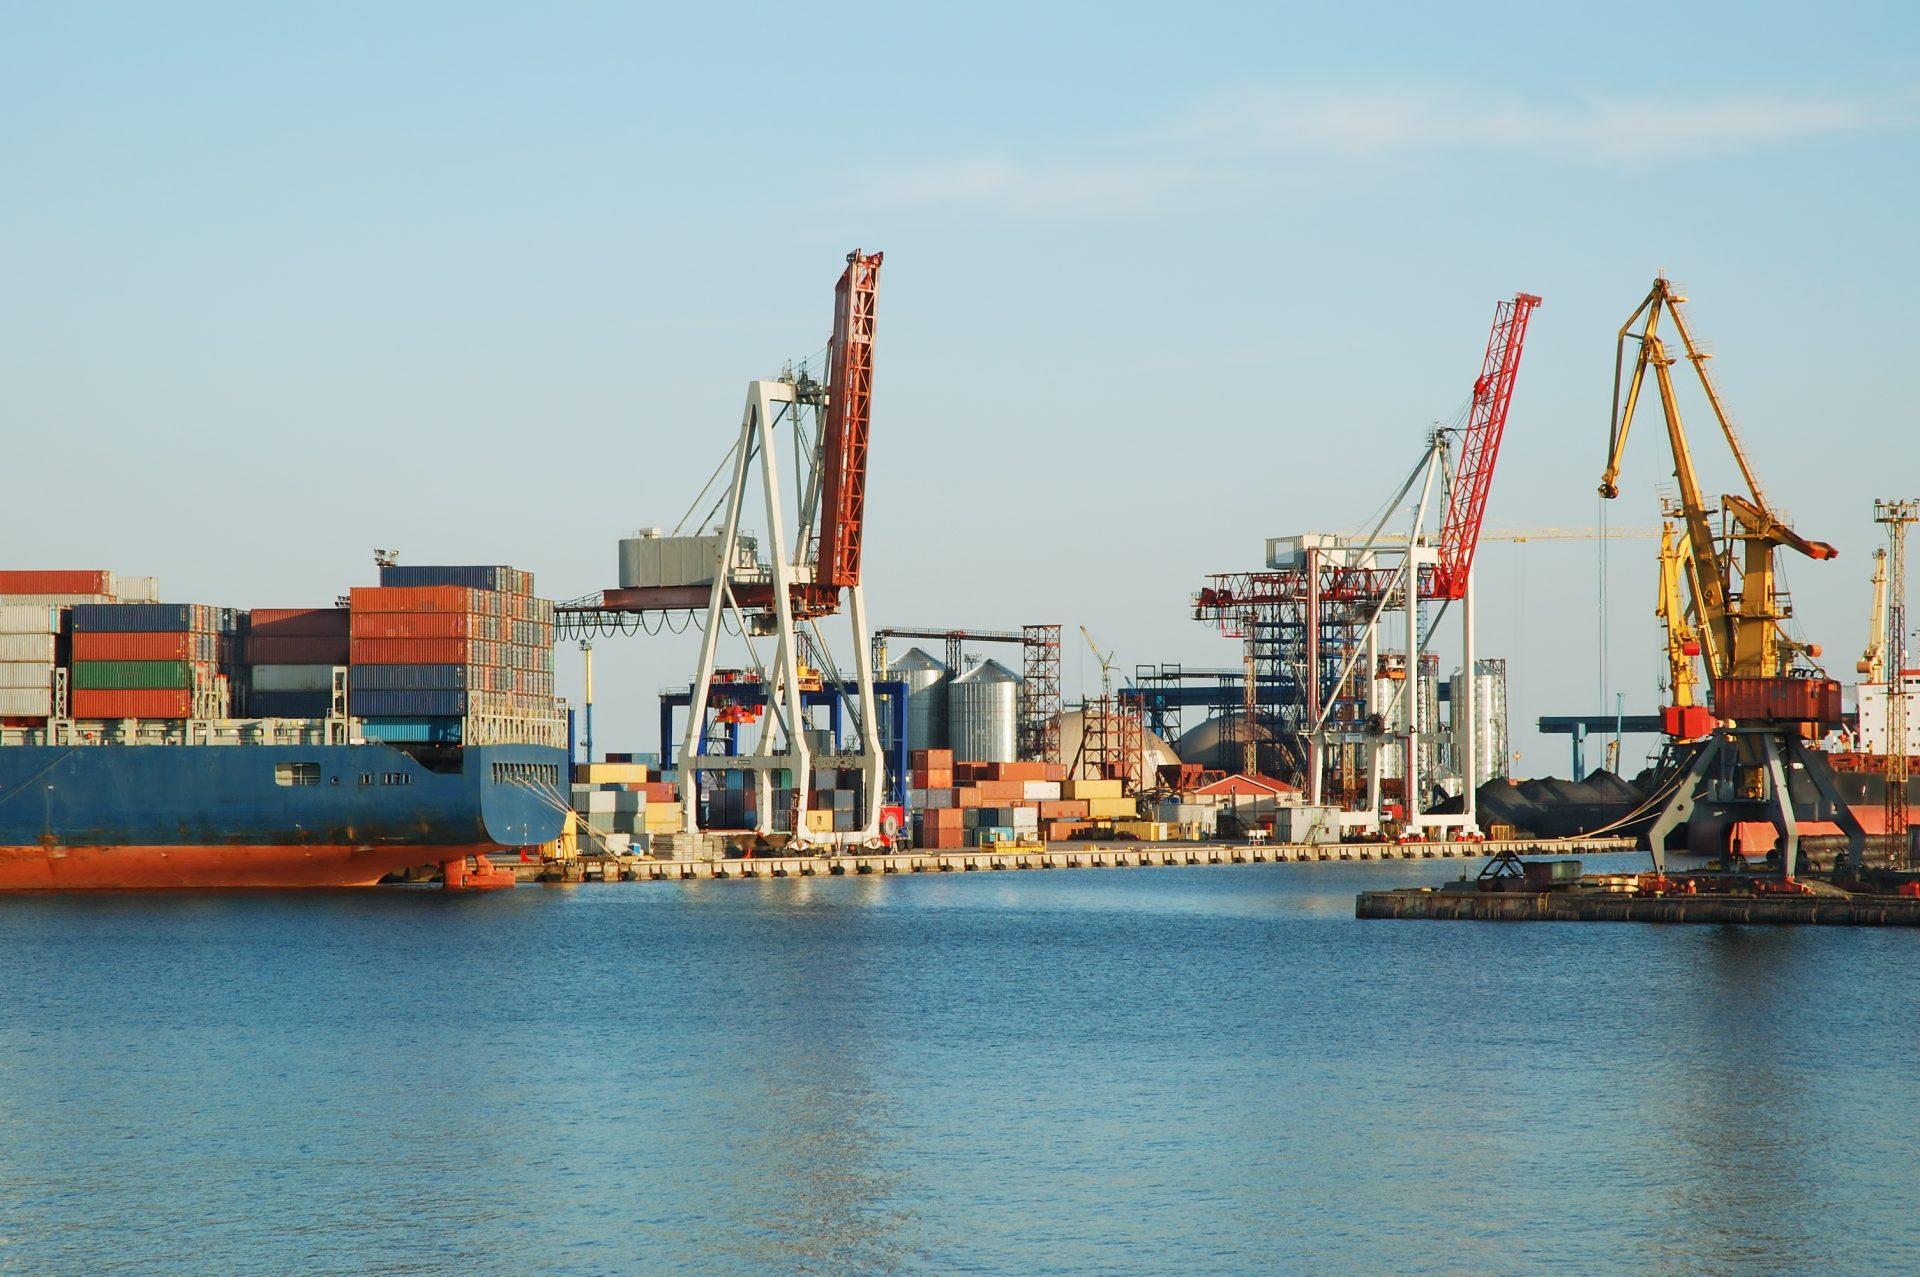 in-a-sea-port-P5BACP2